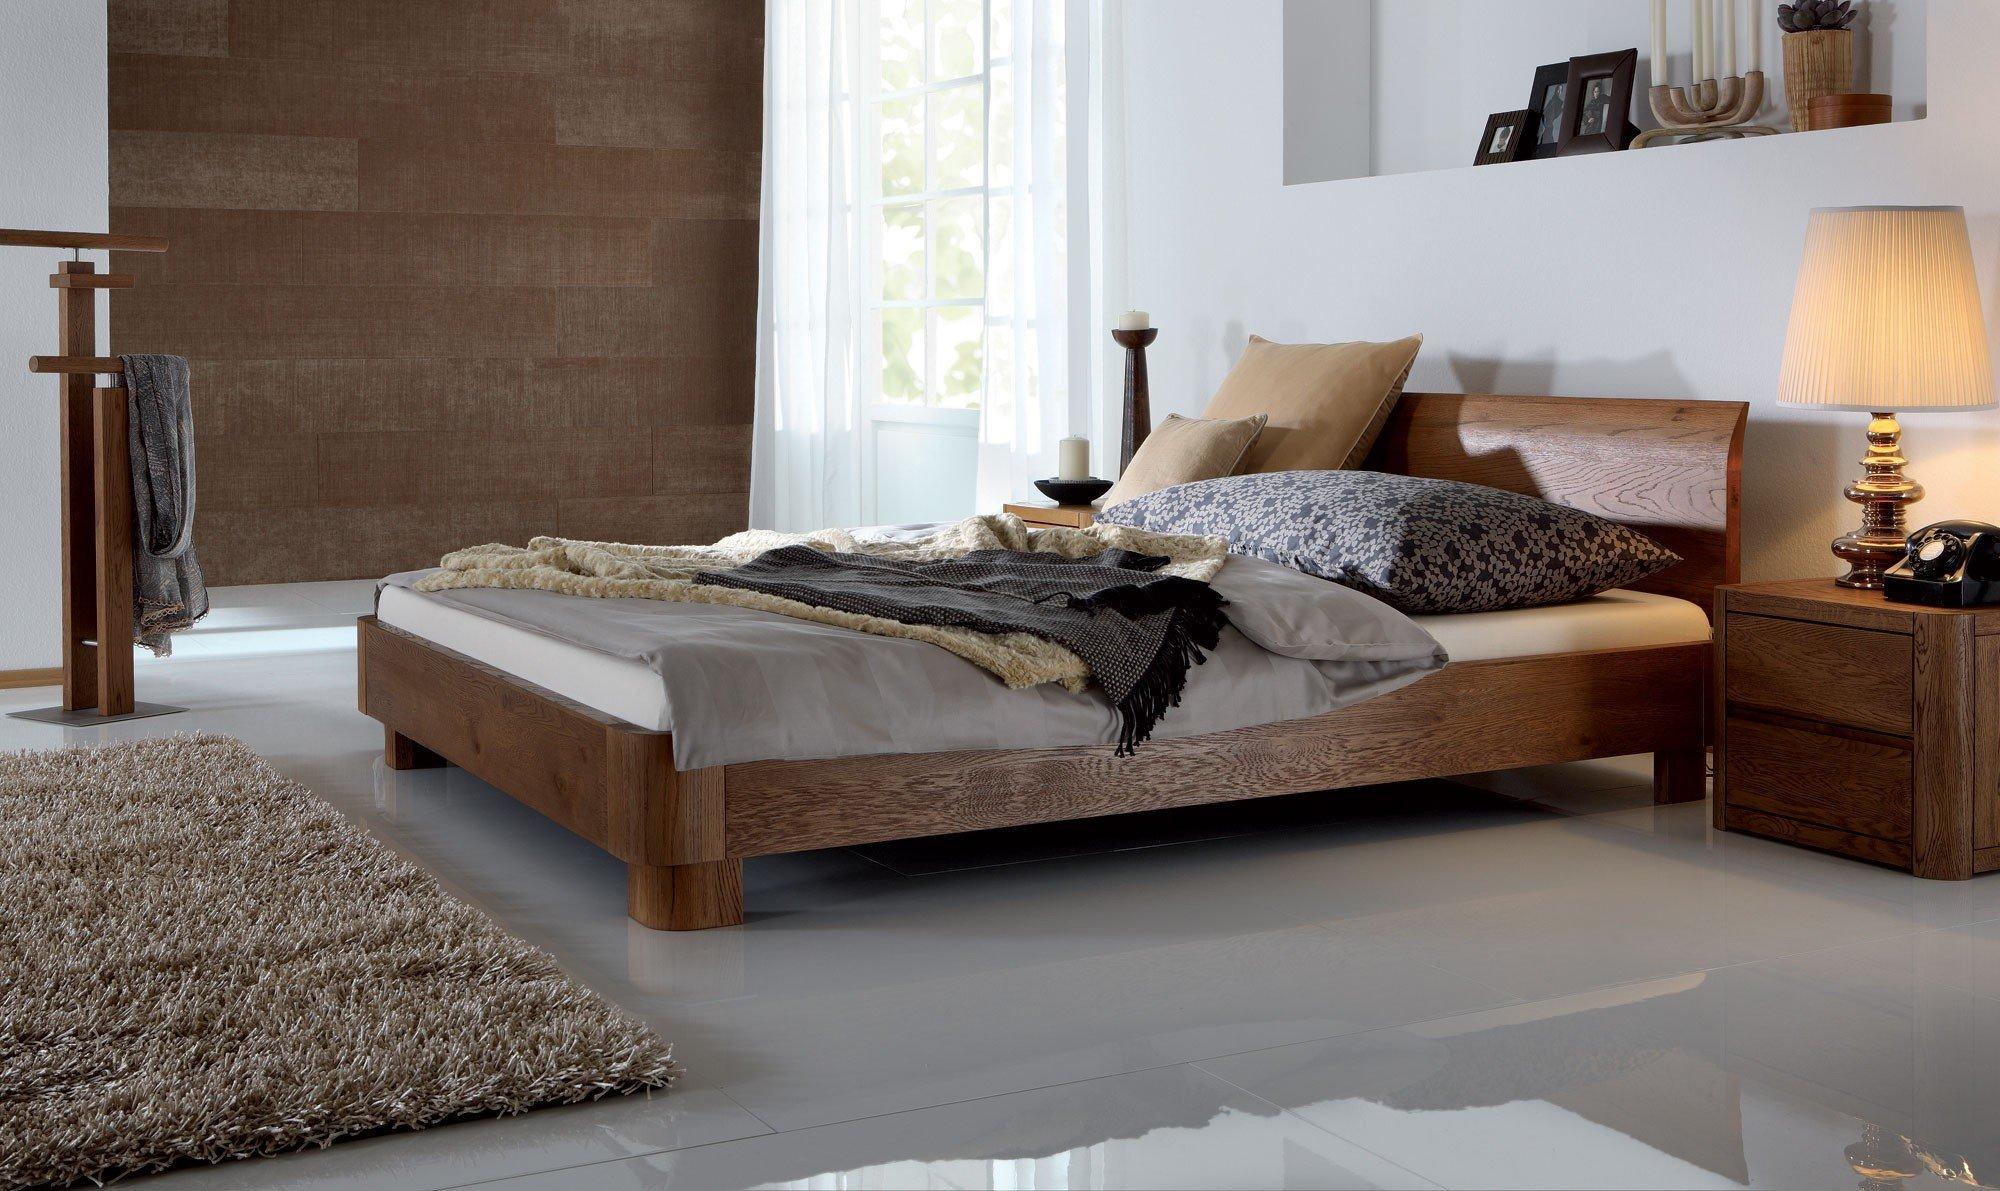 двуспальная кровать из массива дуба фото